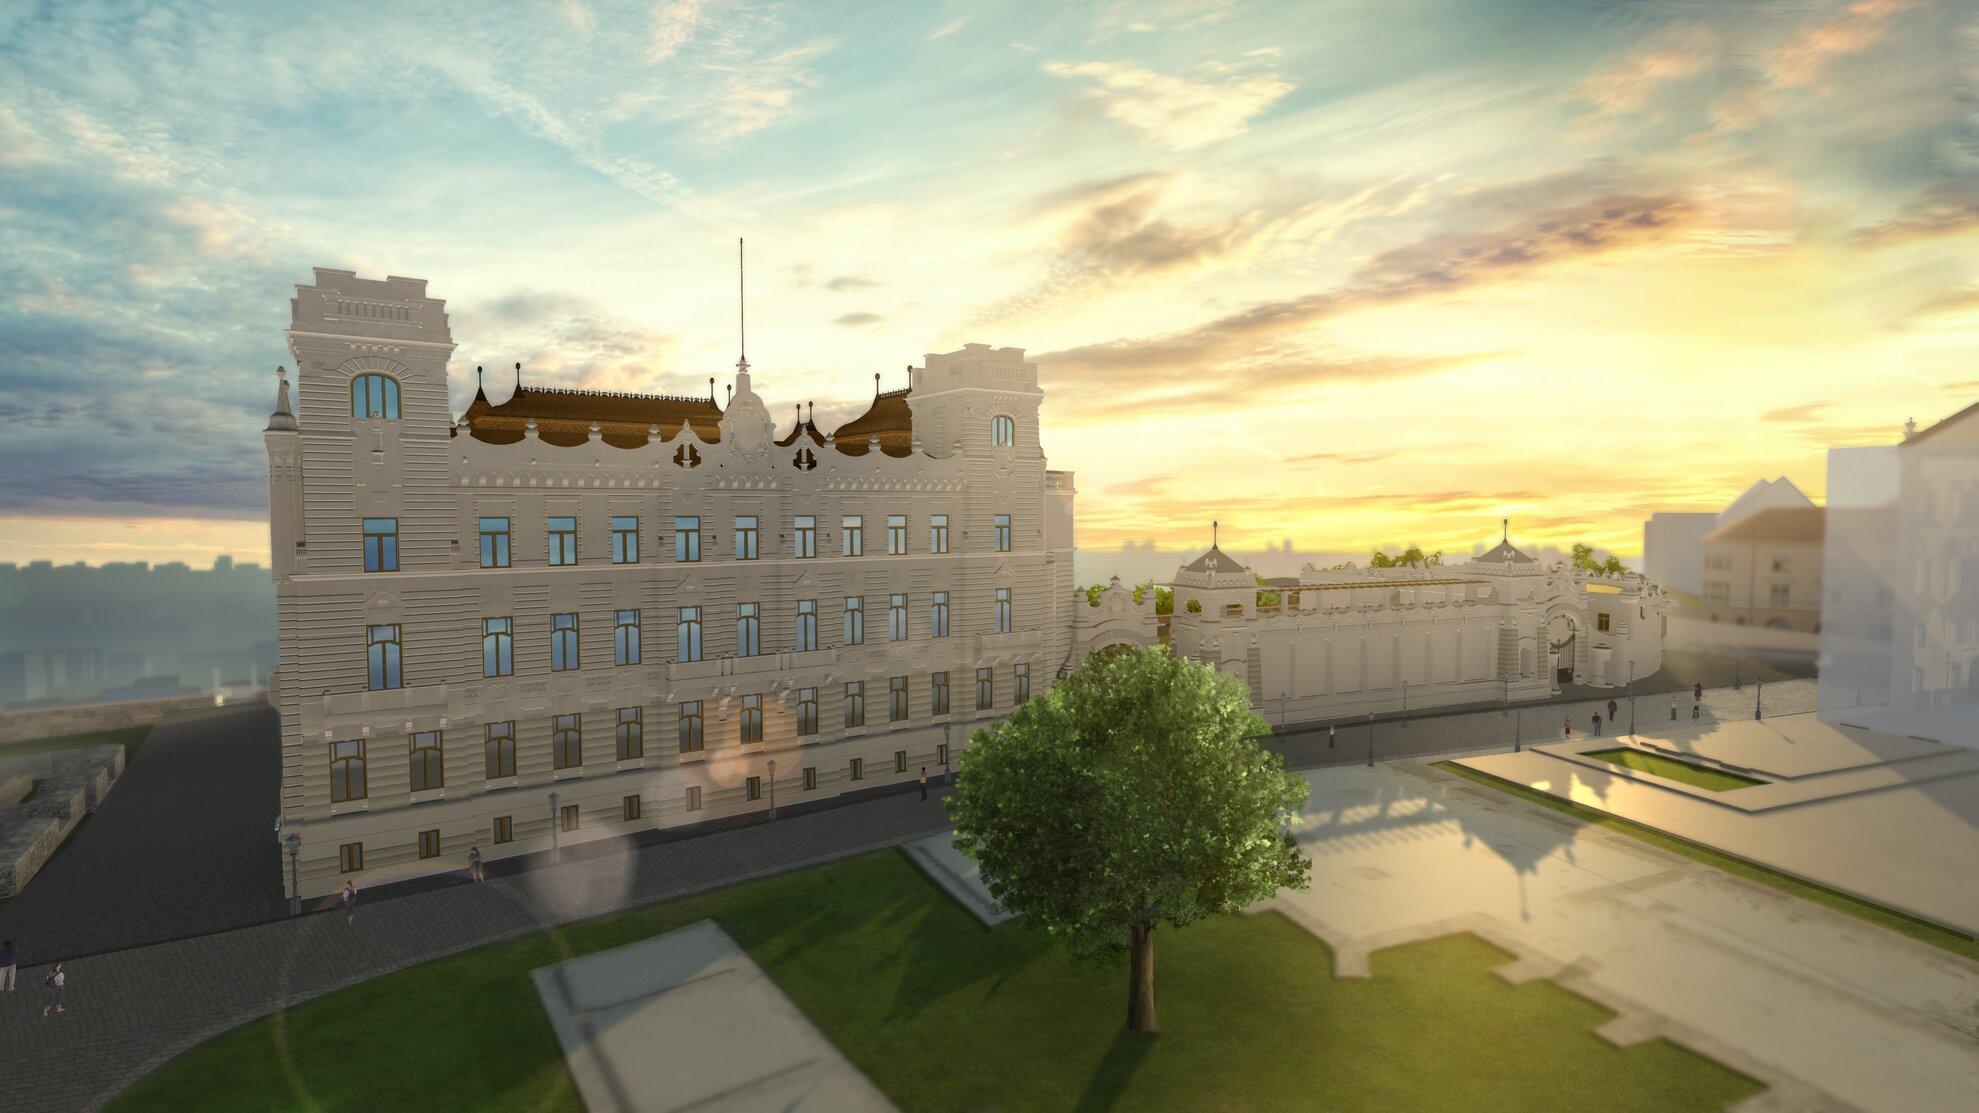 Újjáépítik a József főhercegi palotát a Budai Várban – mutatjuk a látványterveket